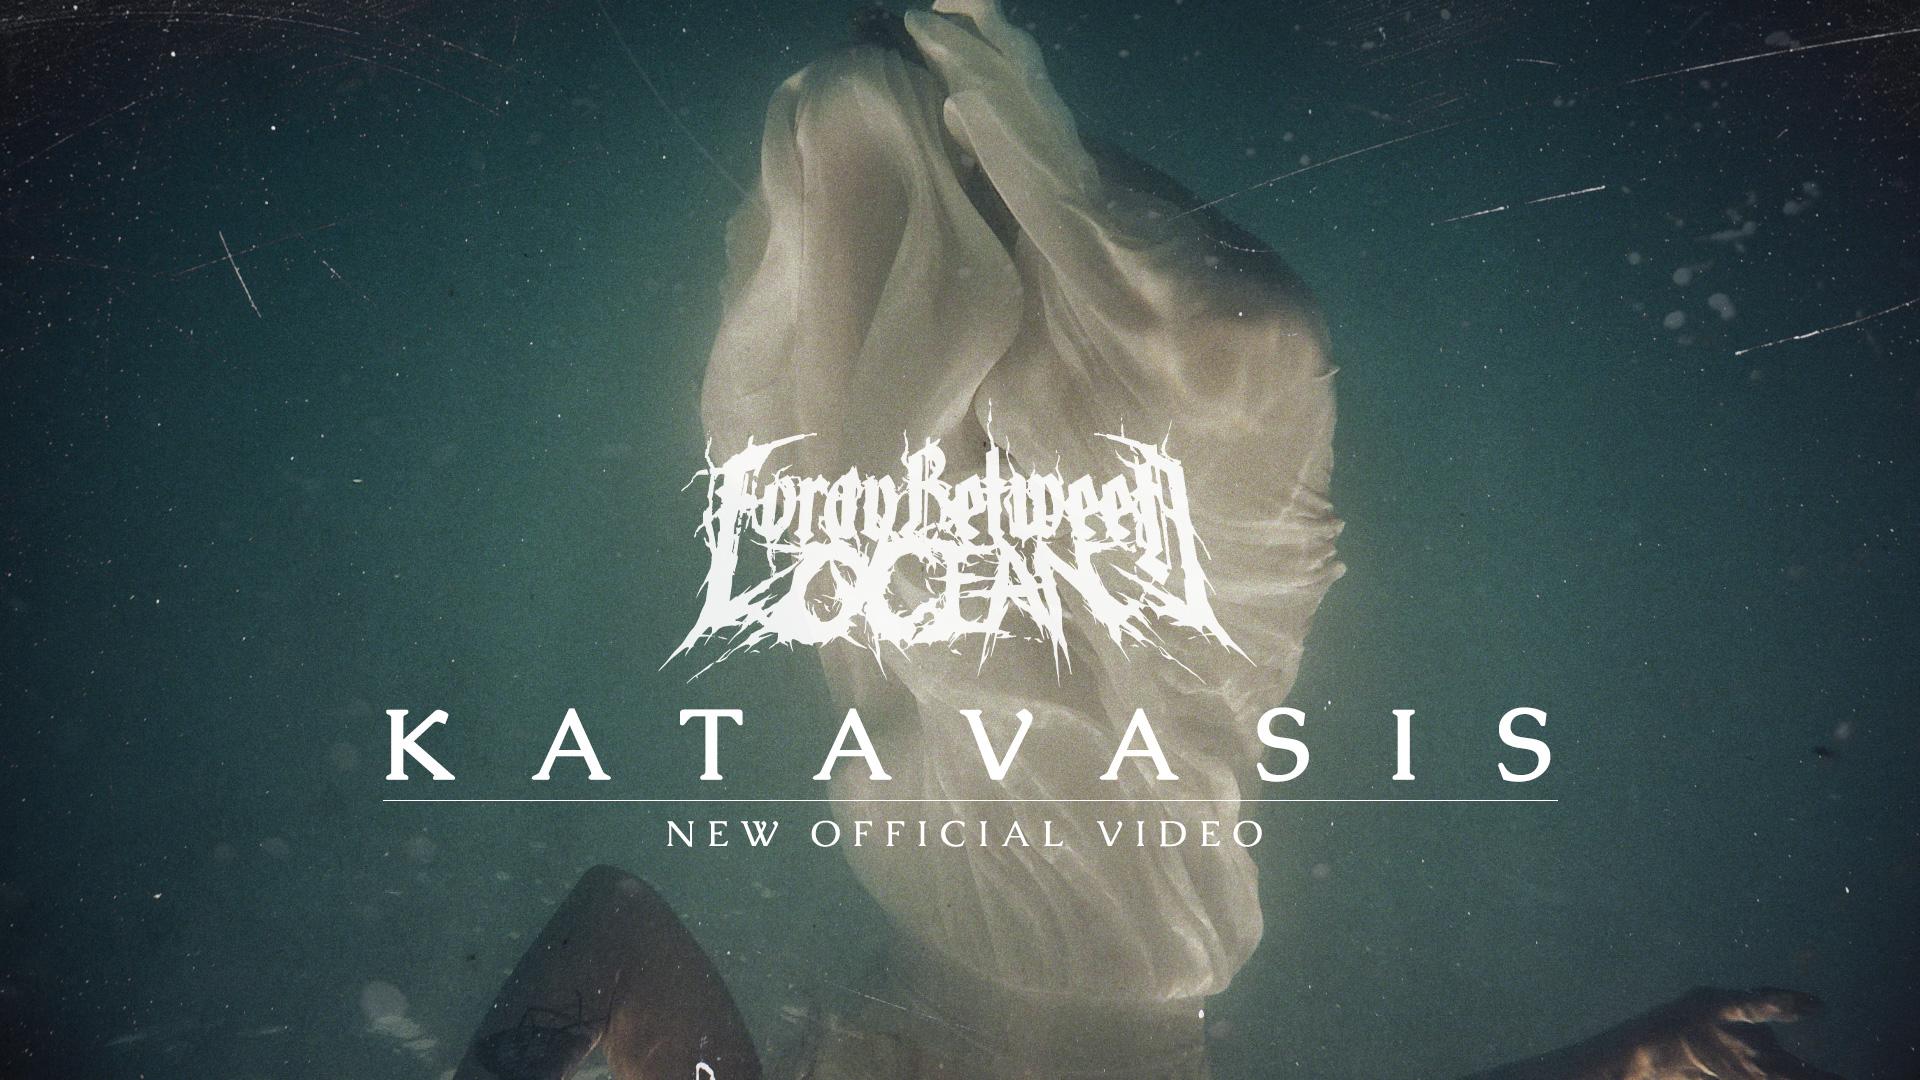 Οι FORAY BETWEEN OCEAN κυκλοφόρησαν Νέο Βίντεο Κλίπ για το τραγούδι «Katavasis»